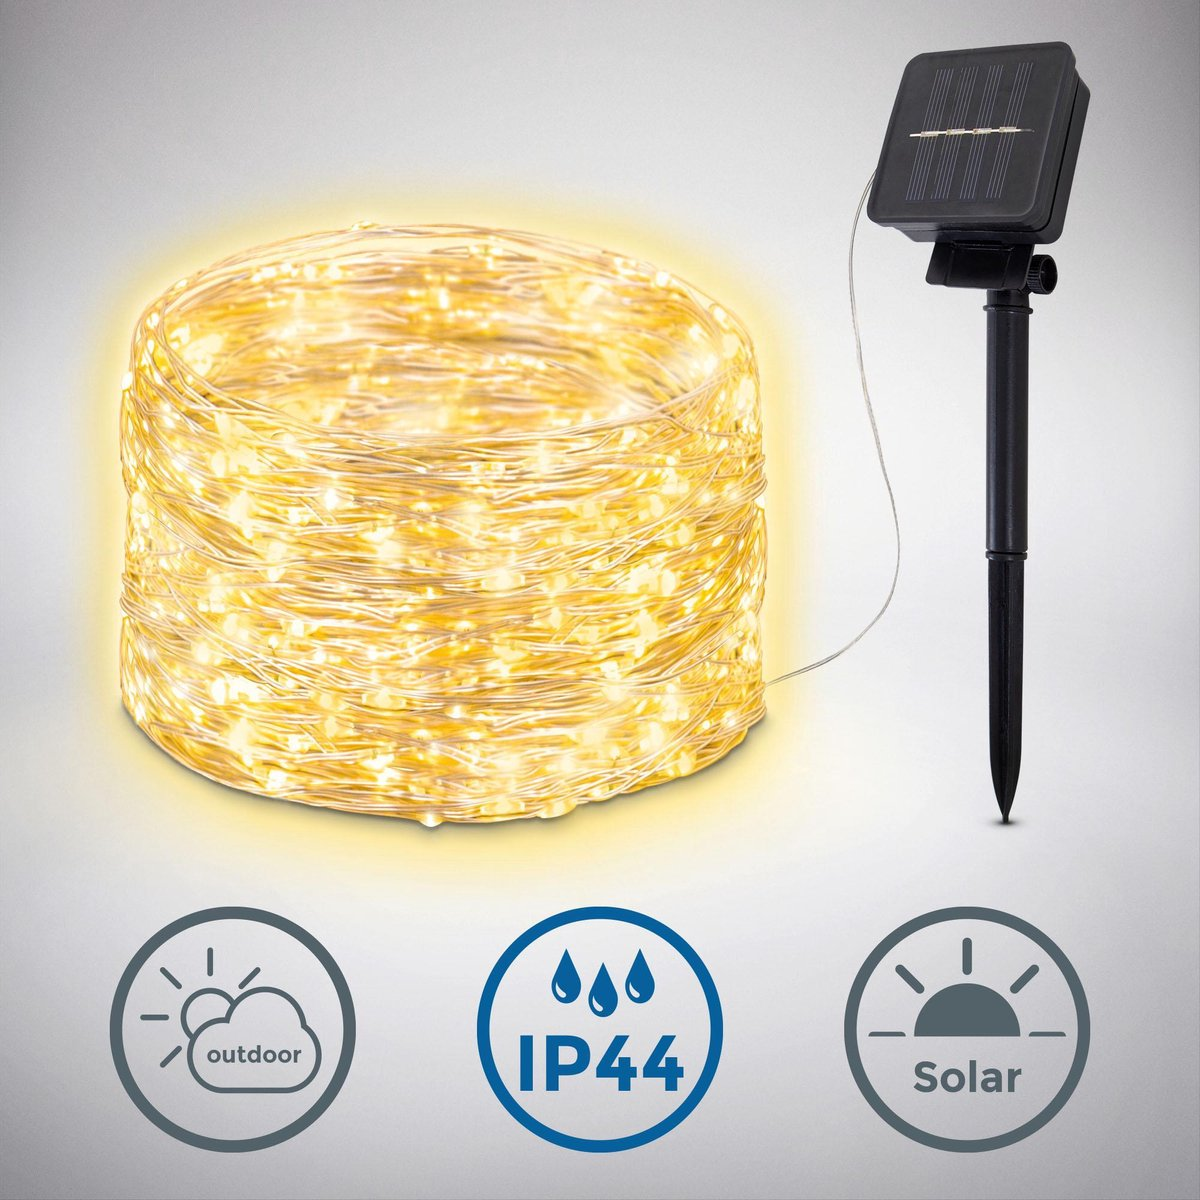 B.K.Licht - Solar Lichtslang LED - Lichtsnoer voor buiten met 240 lichts - 24 meter - buitenverlicht